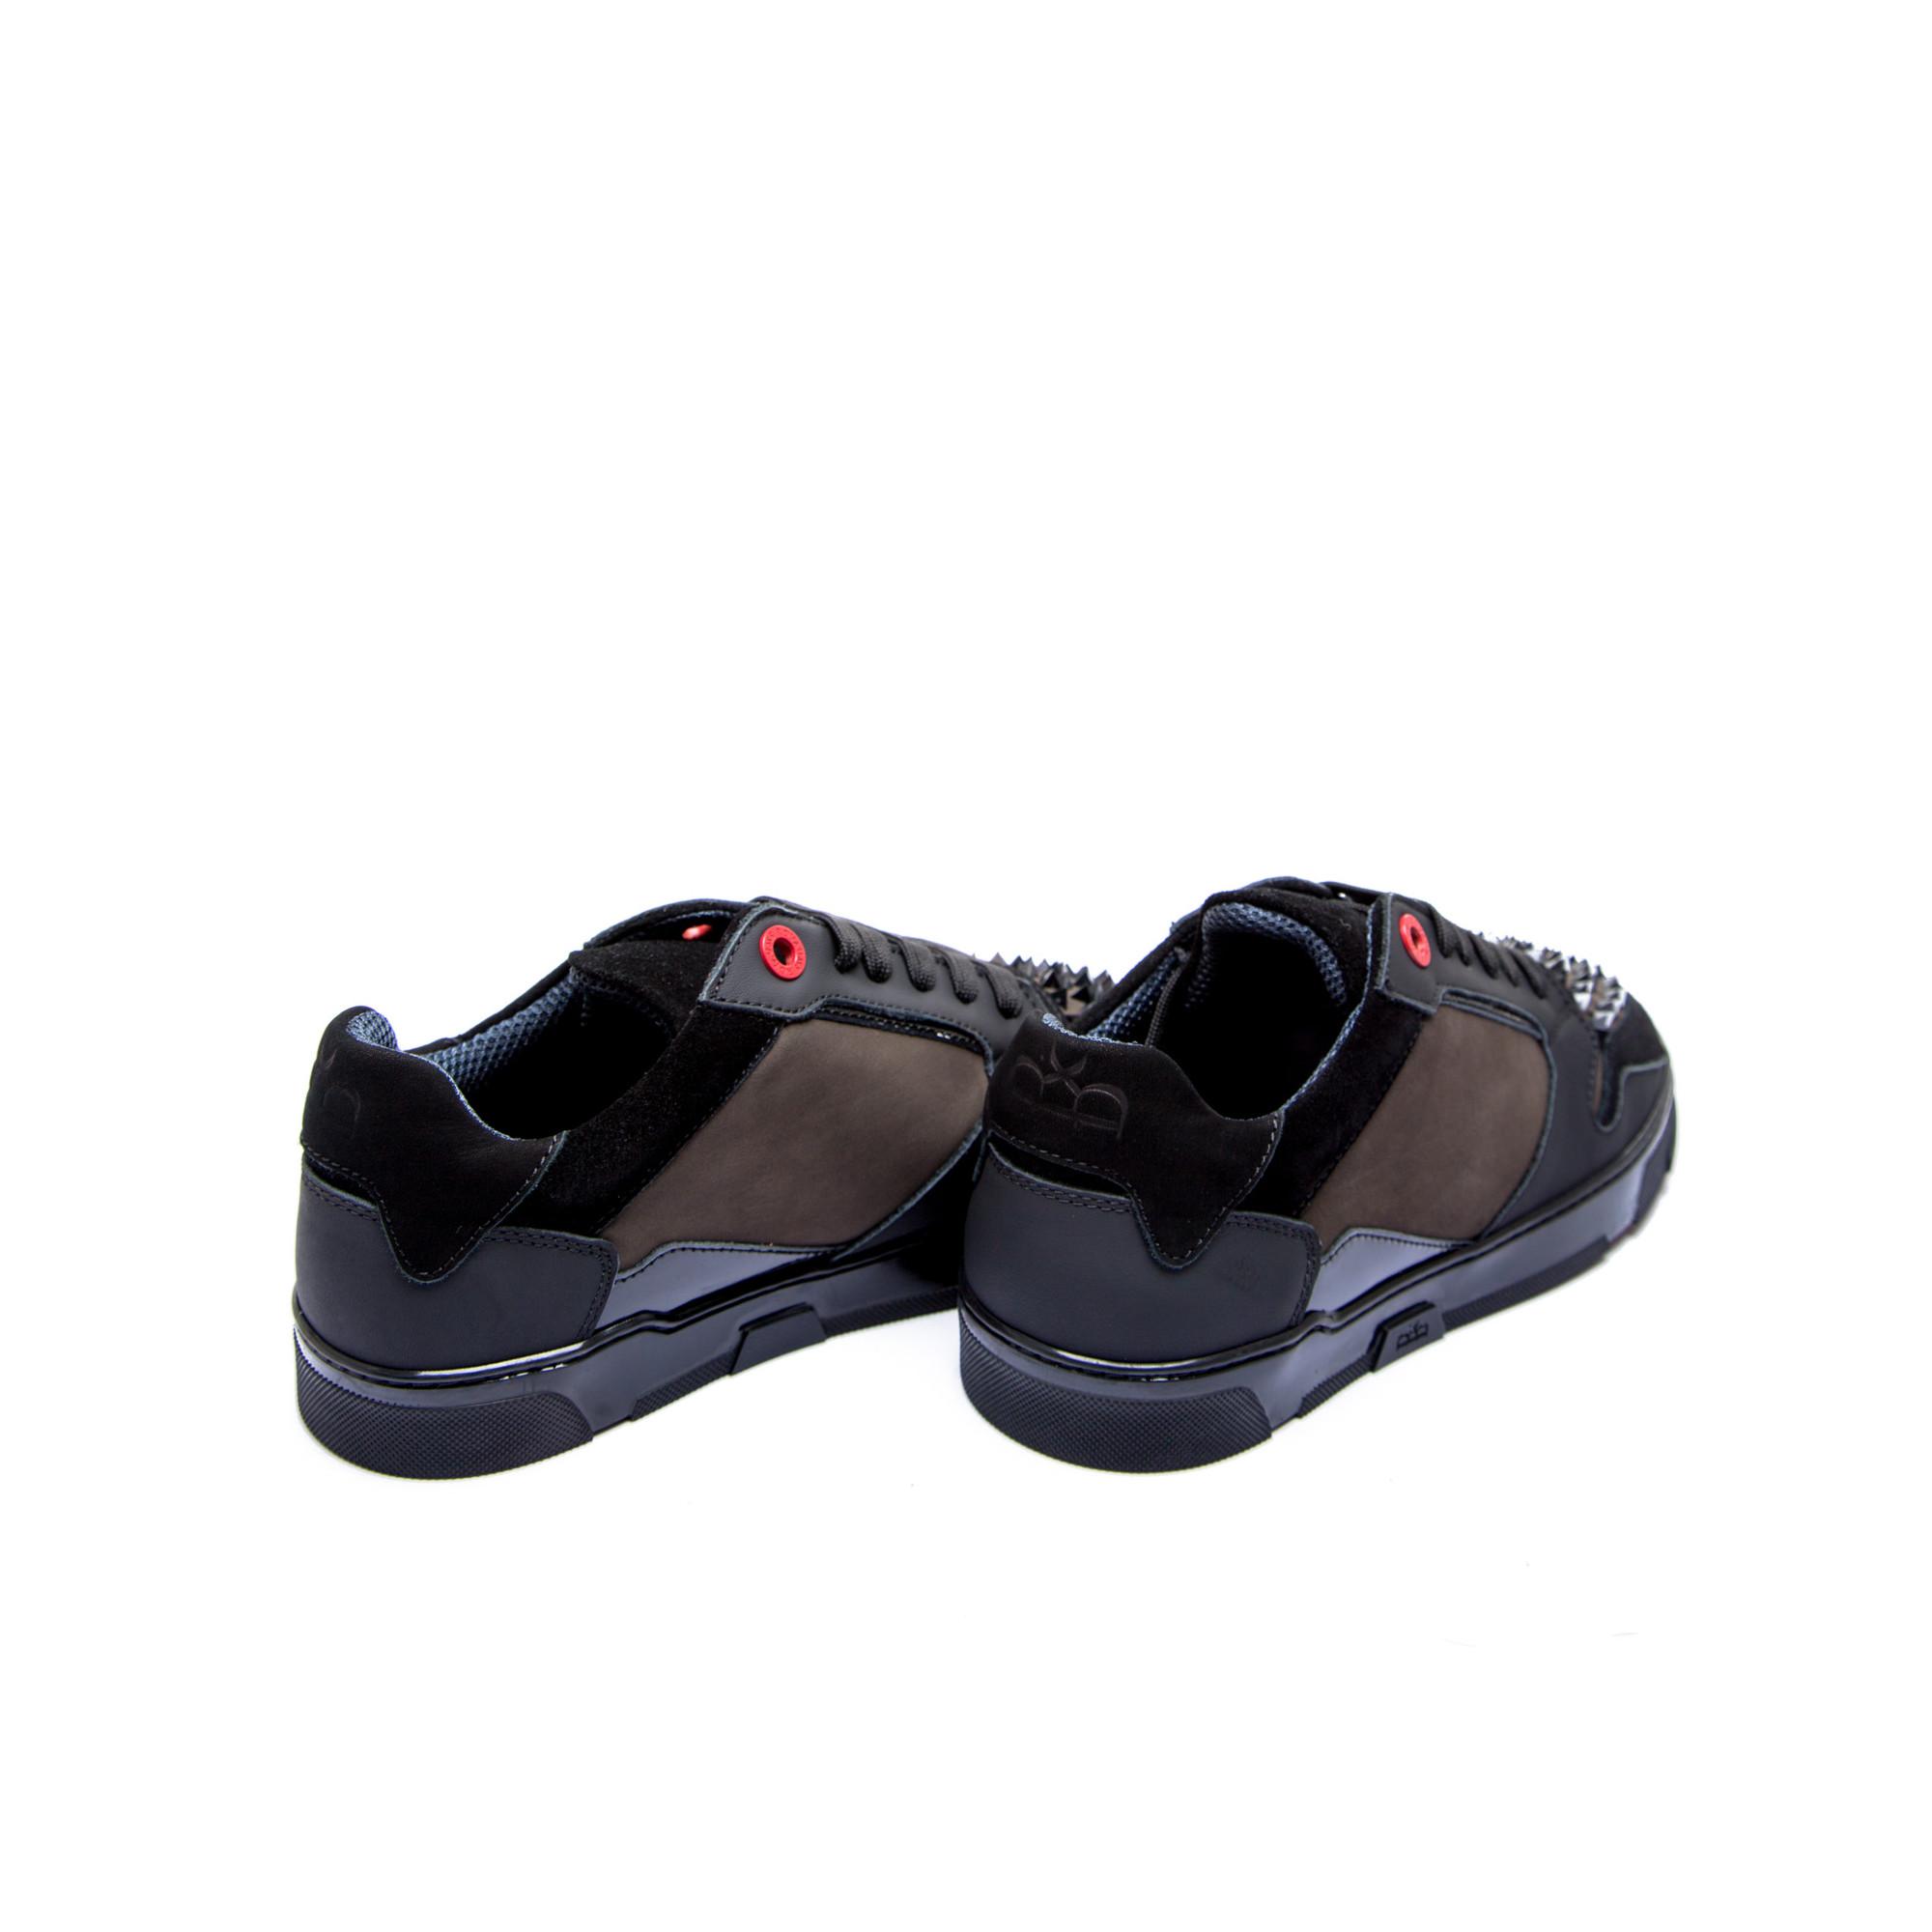 6775e33258 ... Royaums tero steel black Royaums tero steel black - www.derodeloper.com  - Derodeloper ...